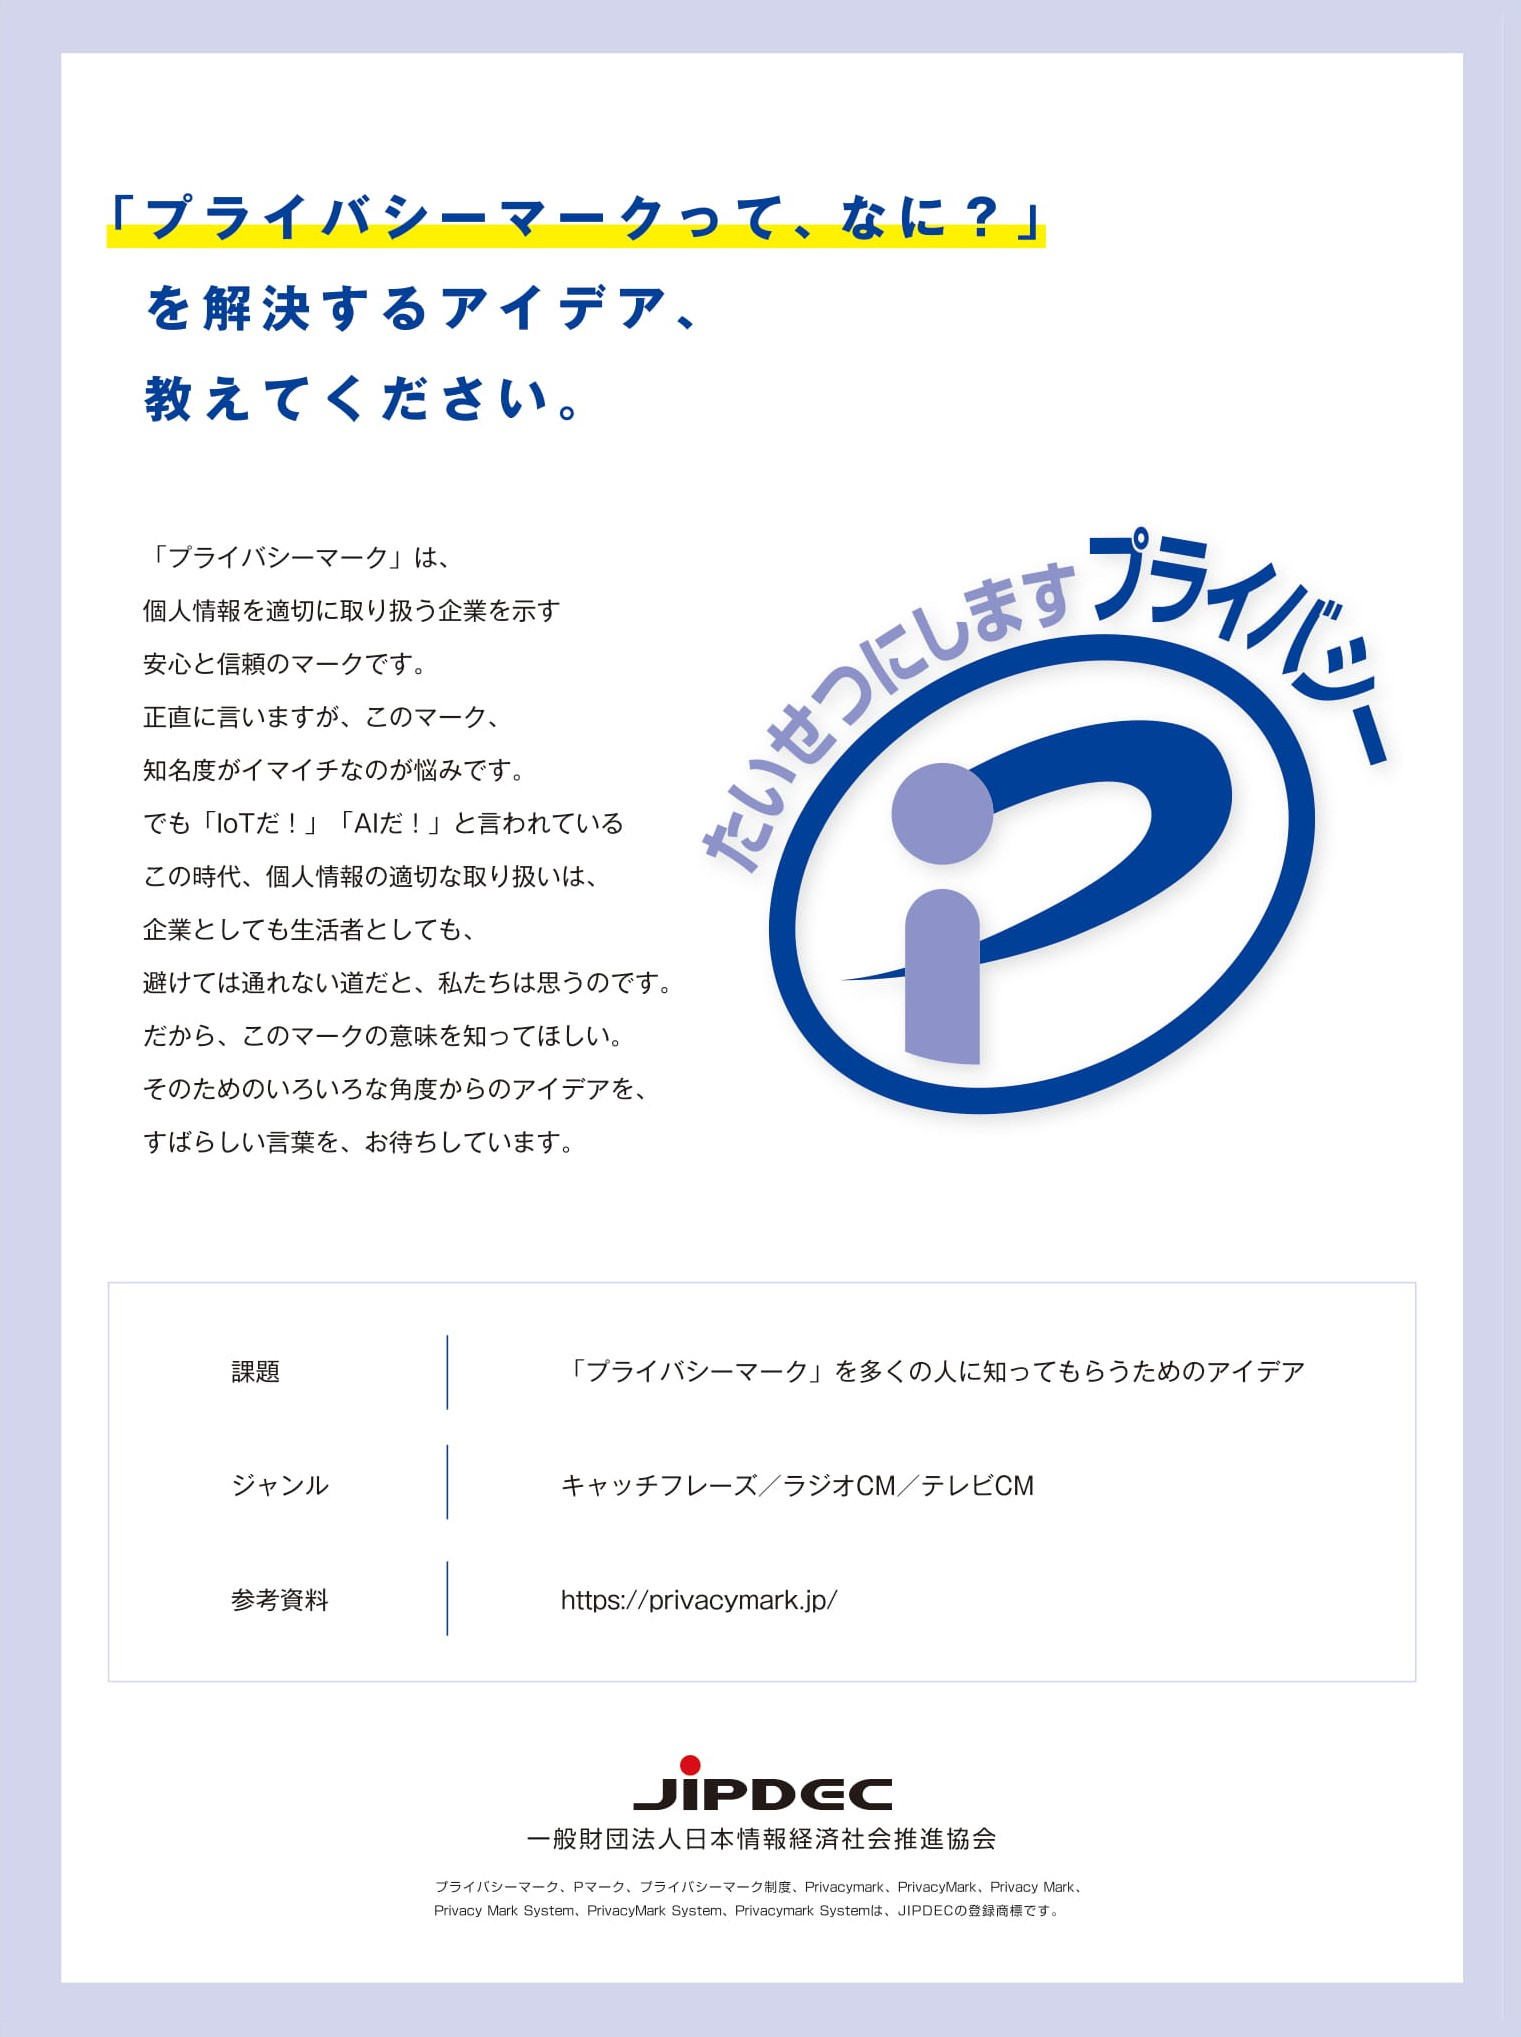 日本情報経済社会推進協会